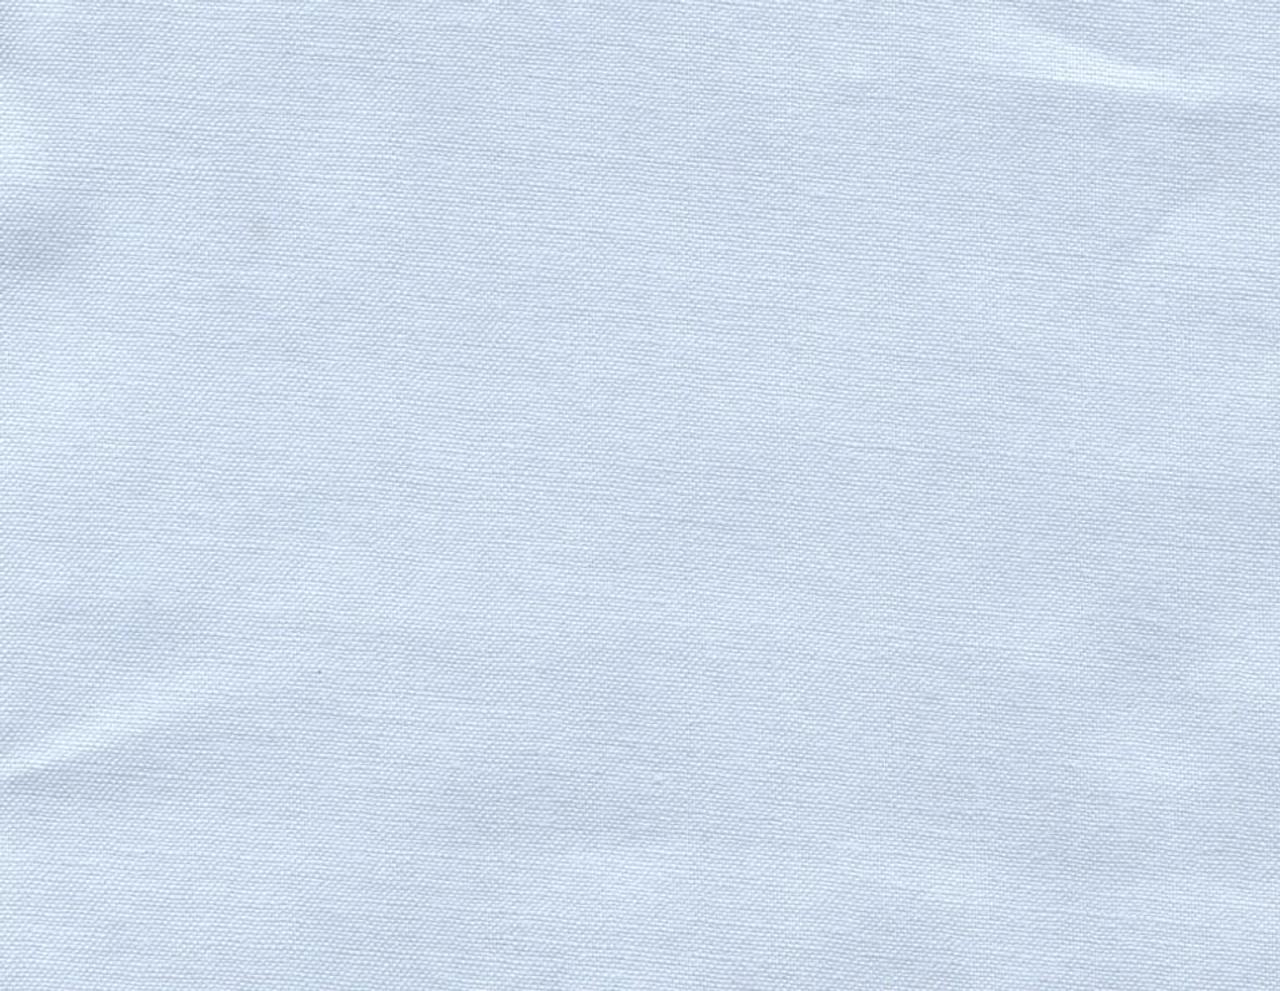 Powder Blue 100% Cotton Petticoat Batiste fabulous quality - Batiste means a fine light cotton fabric